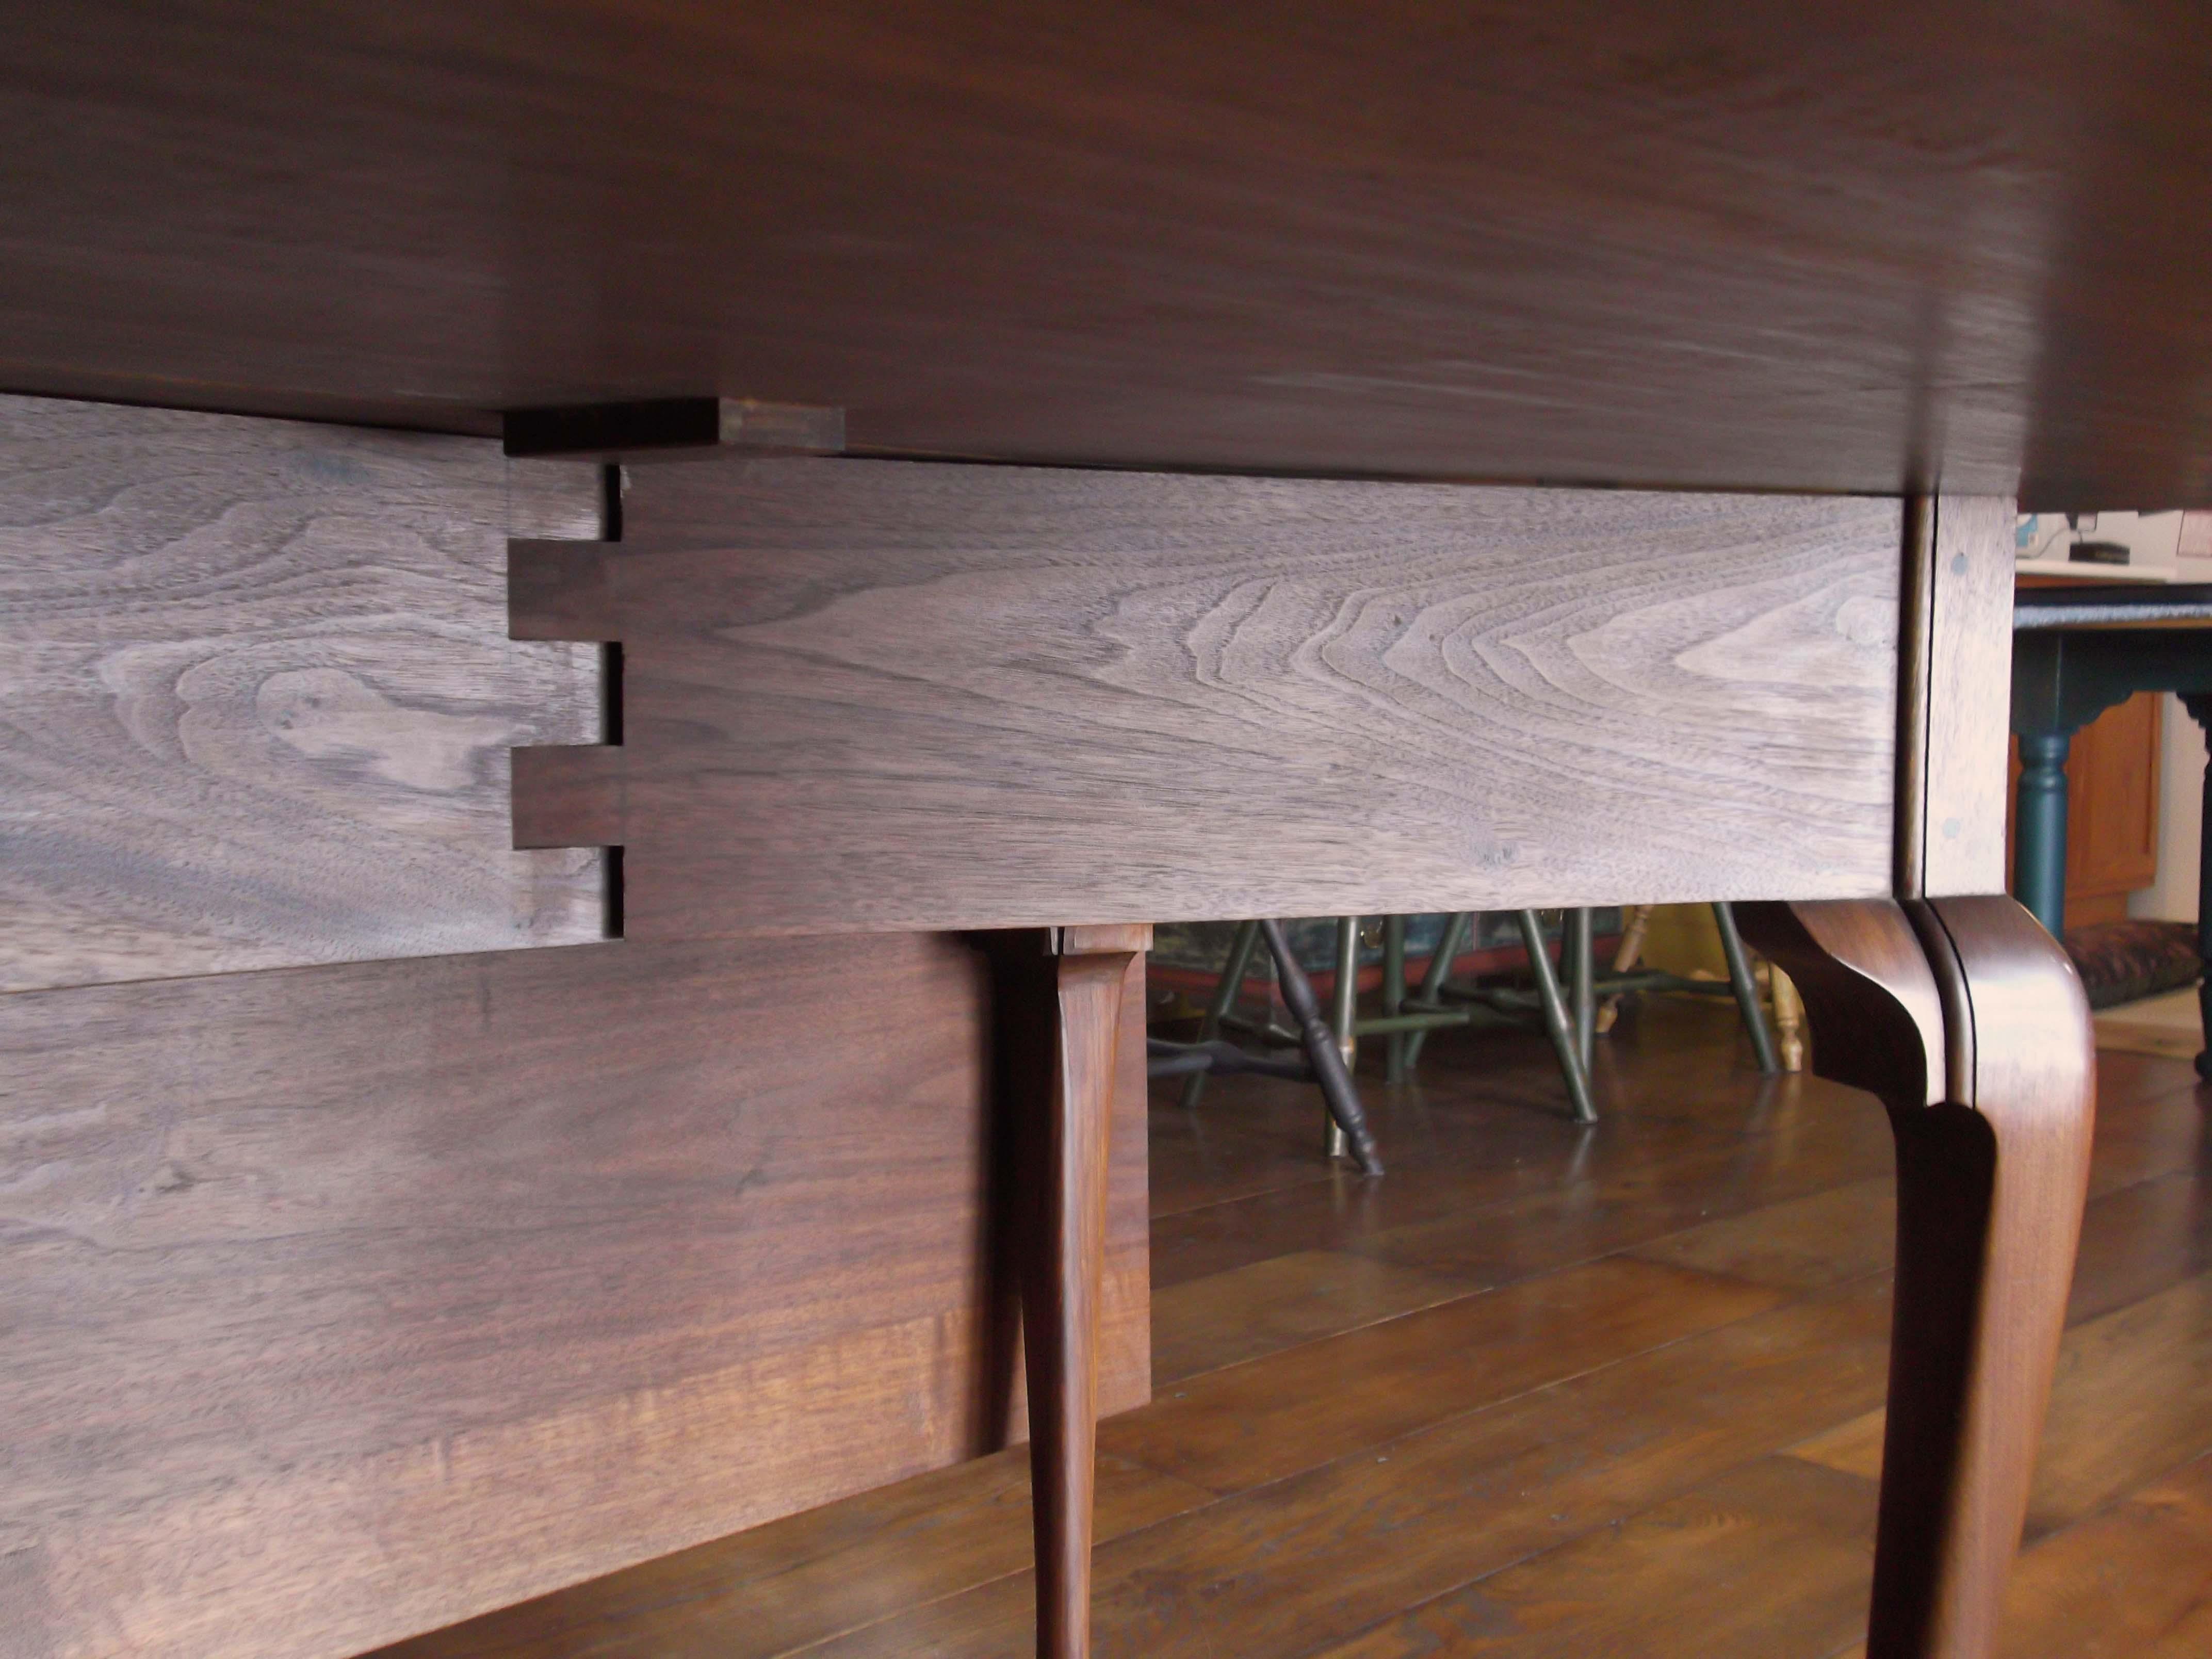 Wood Hinge